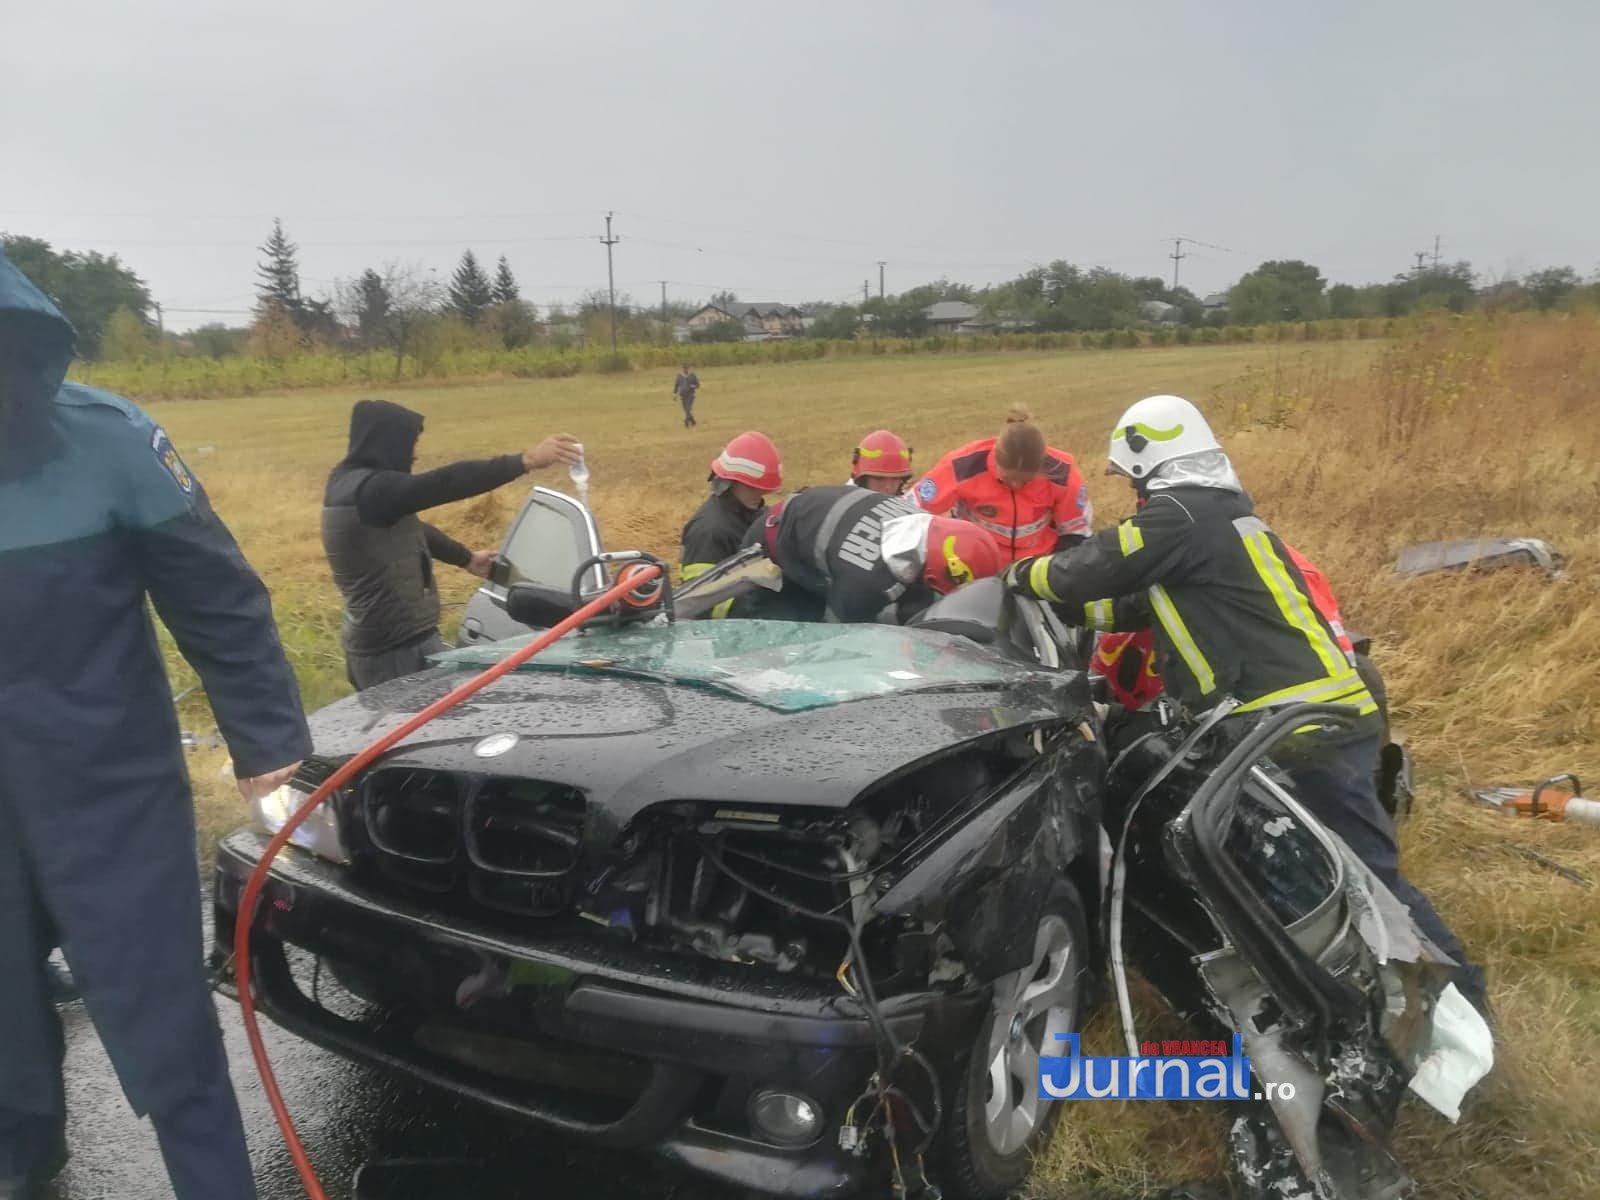 71453083 550027312412429 7262271681530429440 n - FOTO: Cum s-a produs accidentul de la Bolotești